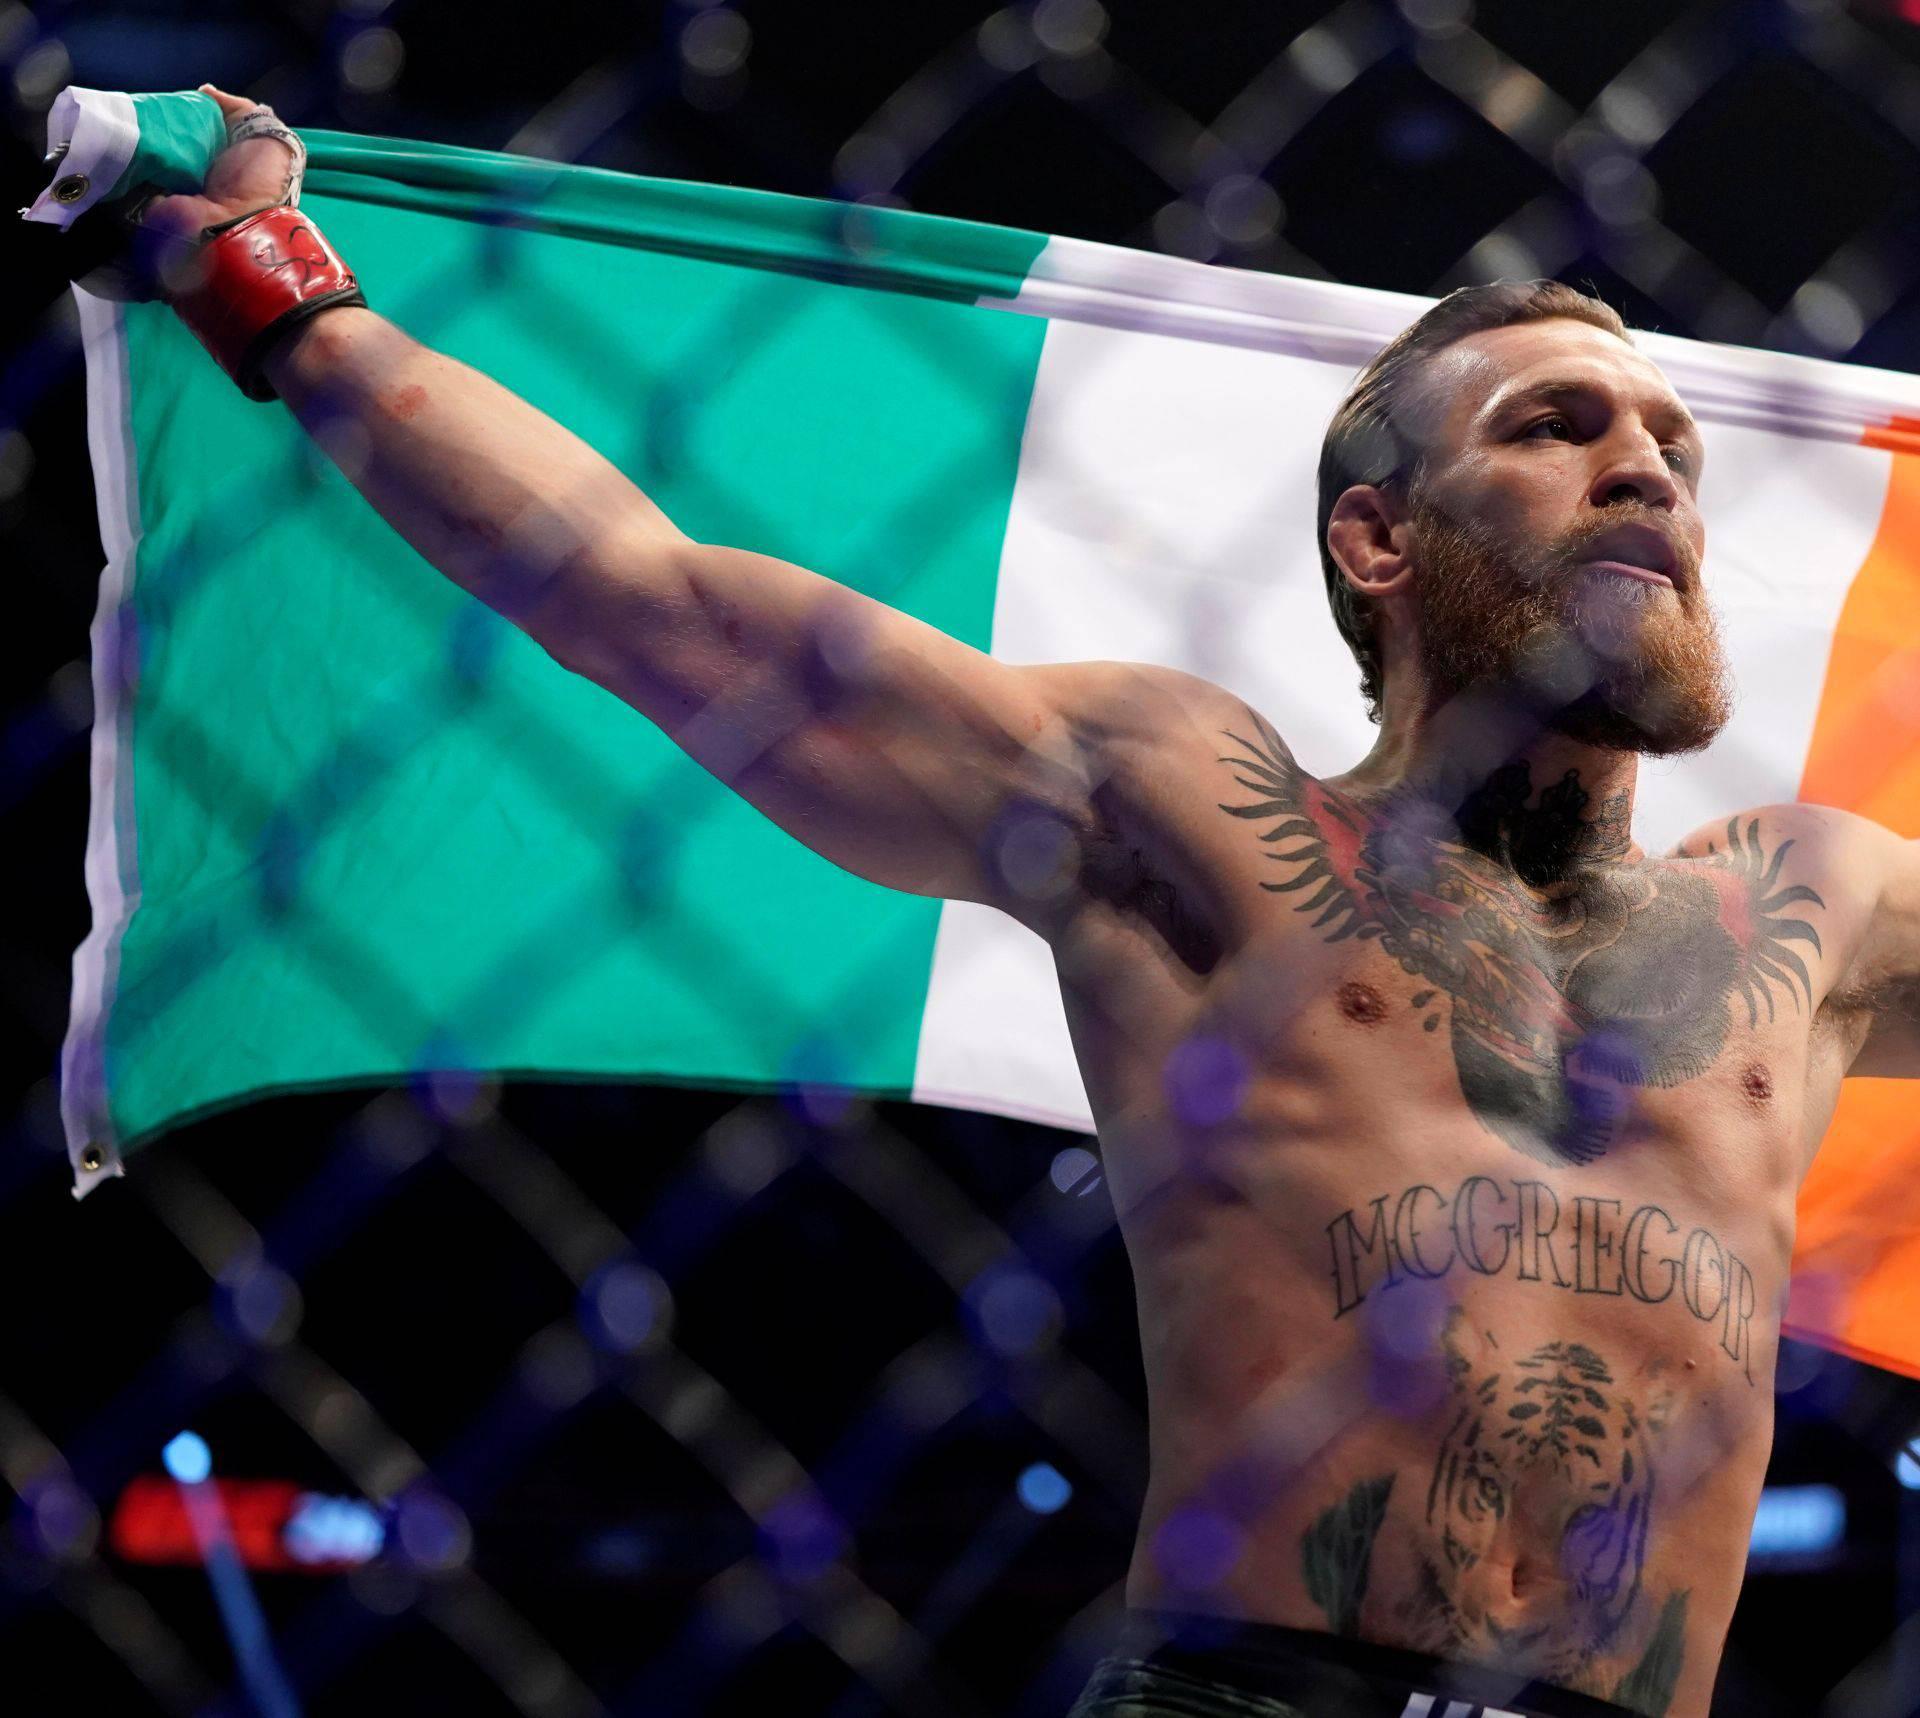 Povijesna šansa za McGregora: Titula i u 3. kategoriji UFC-a?!